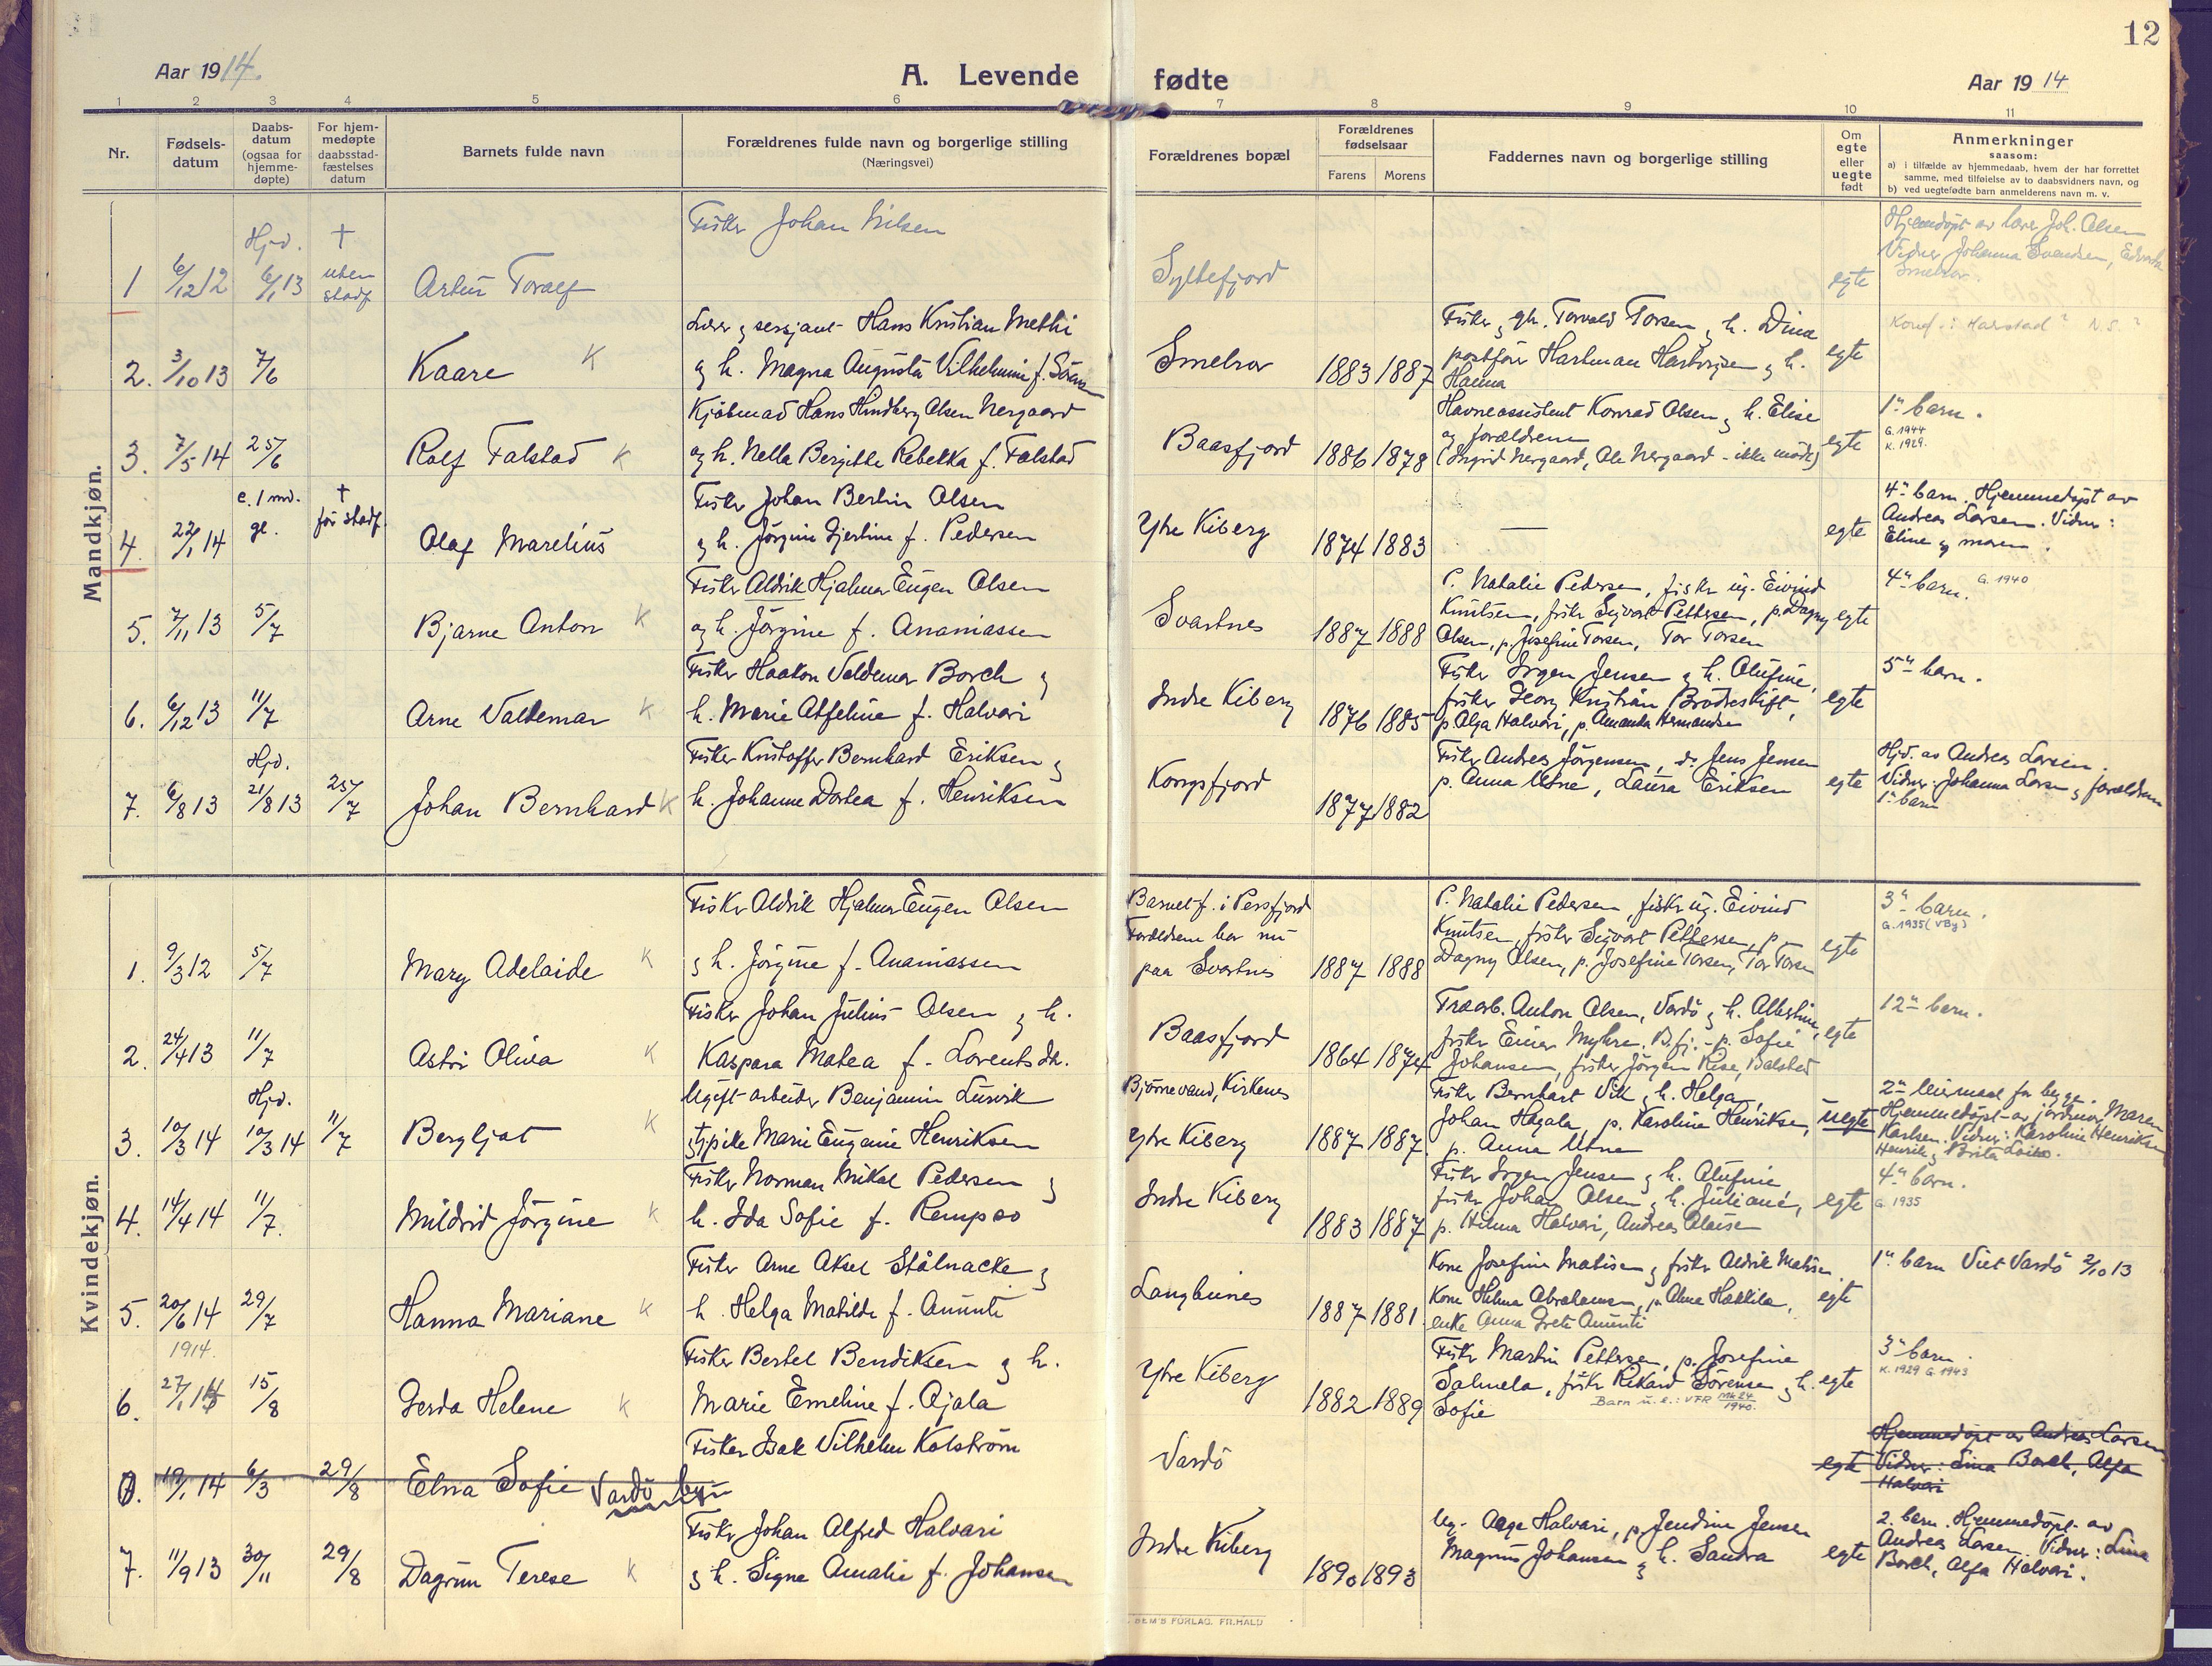 SATØ, Vardø sokneprestkontor, H/Ha/L0013kirke: Ministerialbok nr. 13, 1912-1928, s. 12